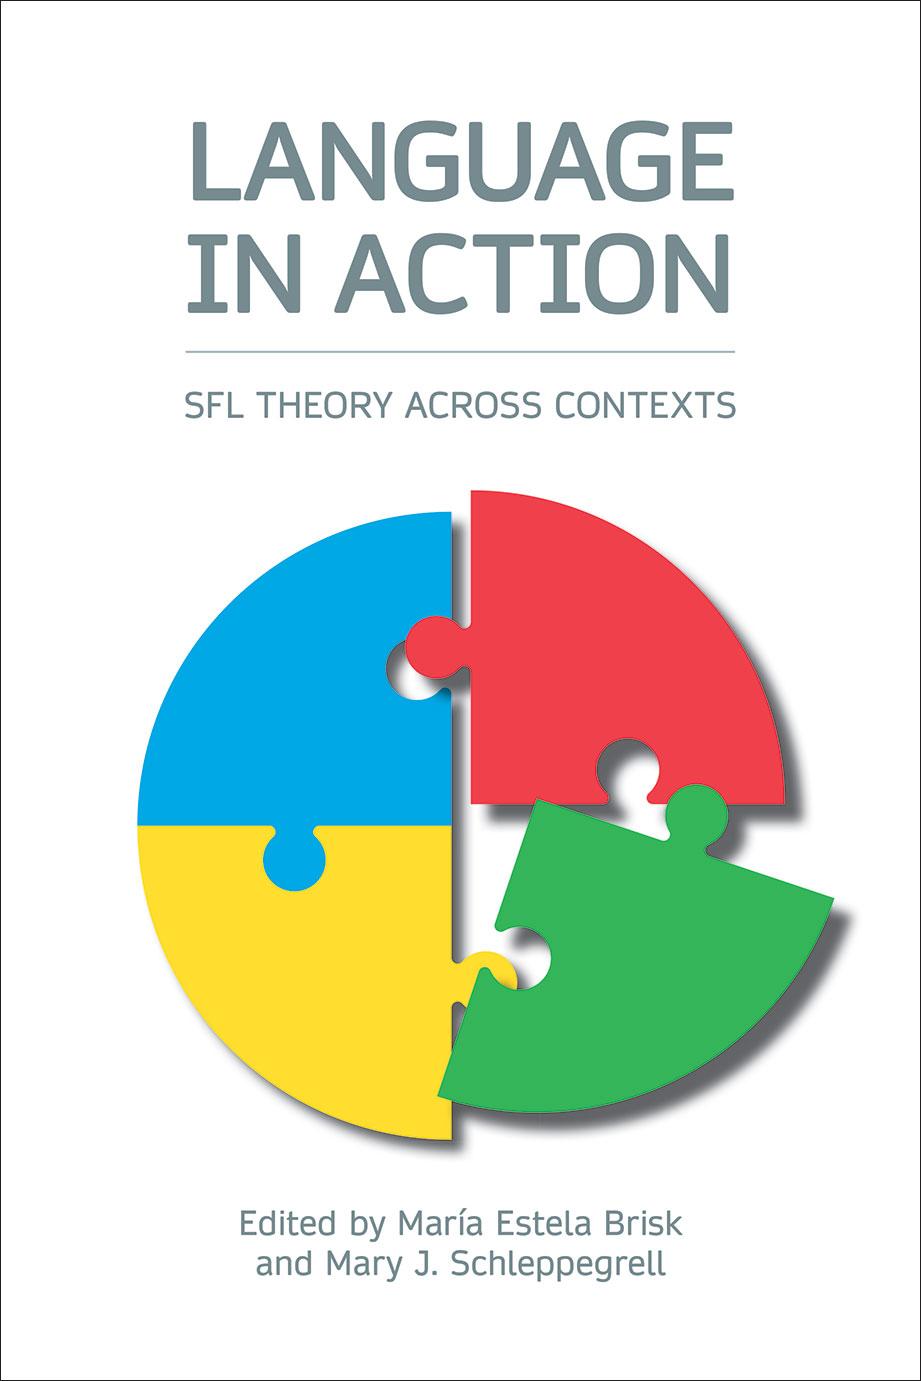 Language in Action - SFL Theory across Contexts - María Estela Brisk